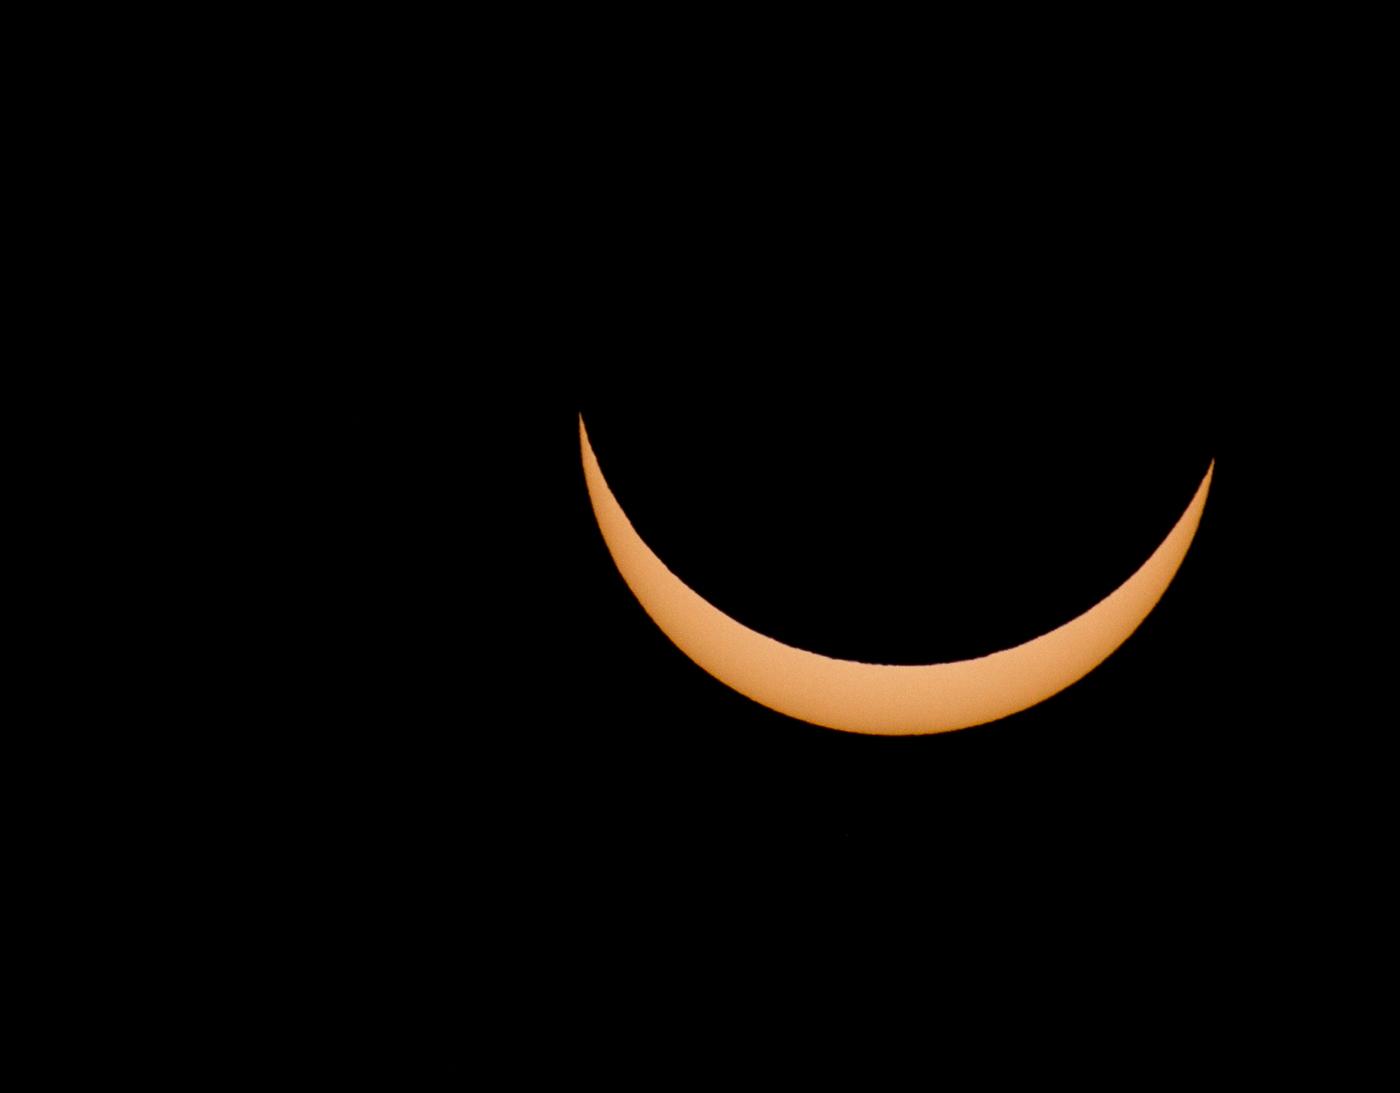 Eclipse smile